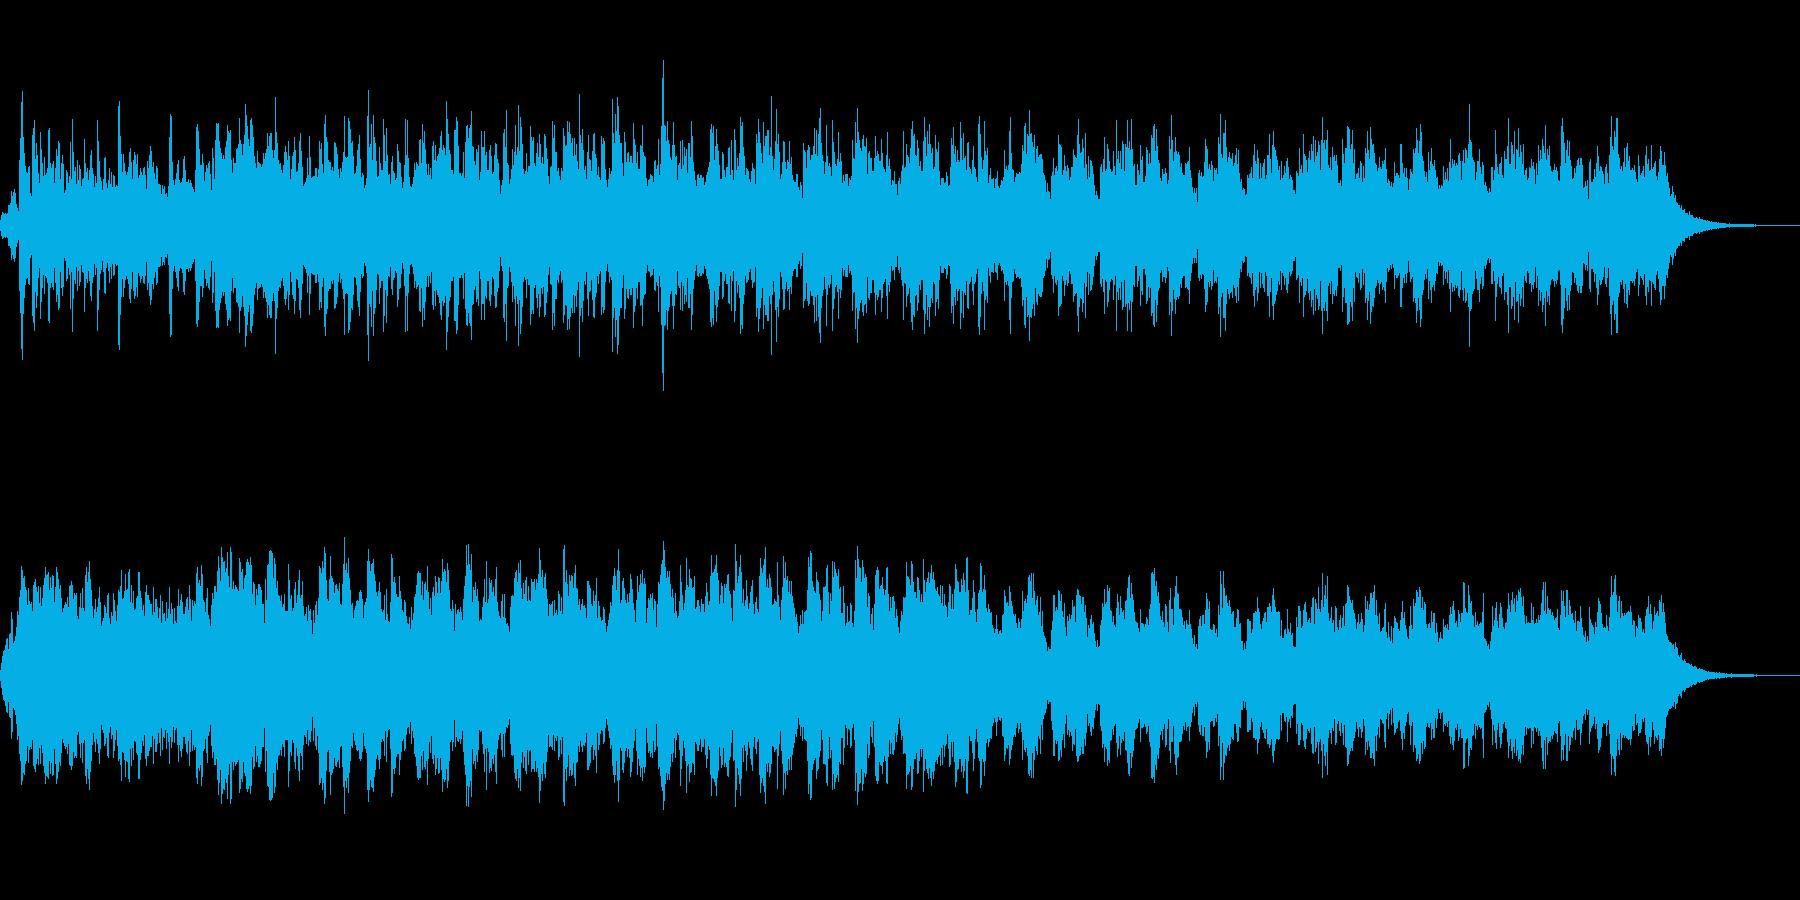 エスニックなアンビエントサウンドスケープの再生済みの波形